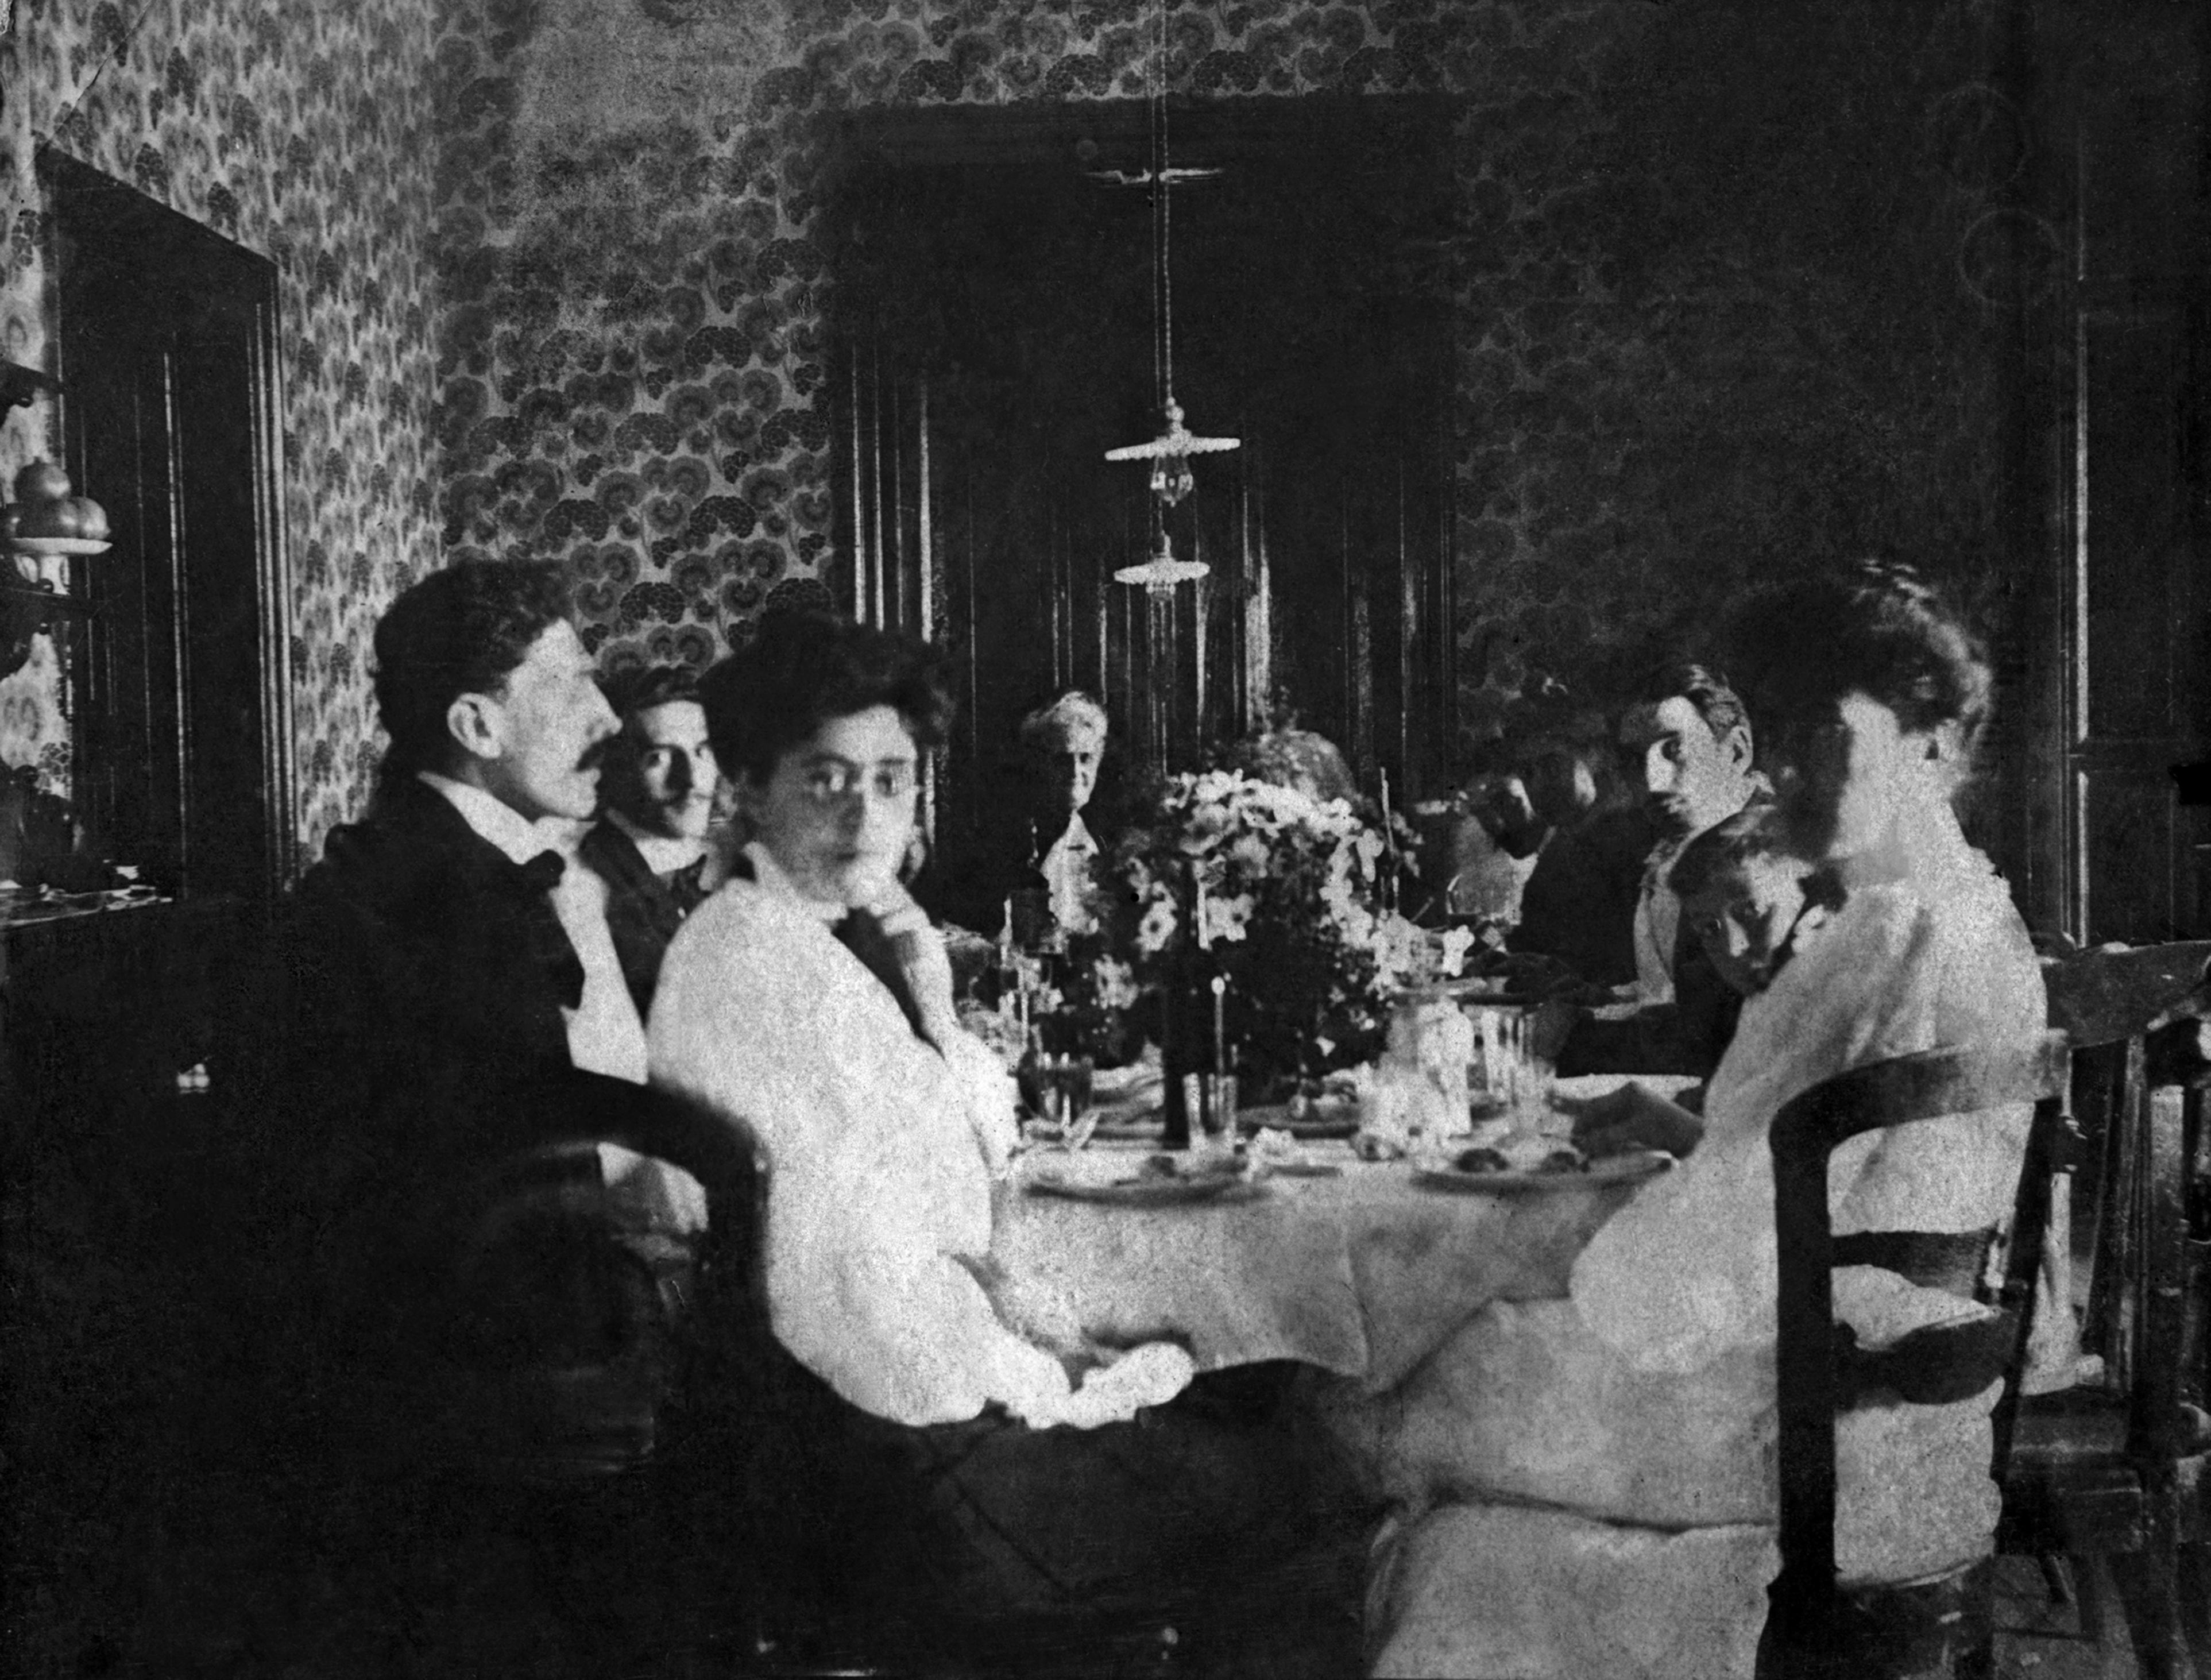 El empapelado con motivo de malvones daba realce al juego de comedor, que evidencia las líneas propias de los estilos del primer tercio del siglo XIX